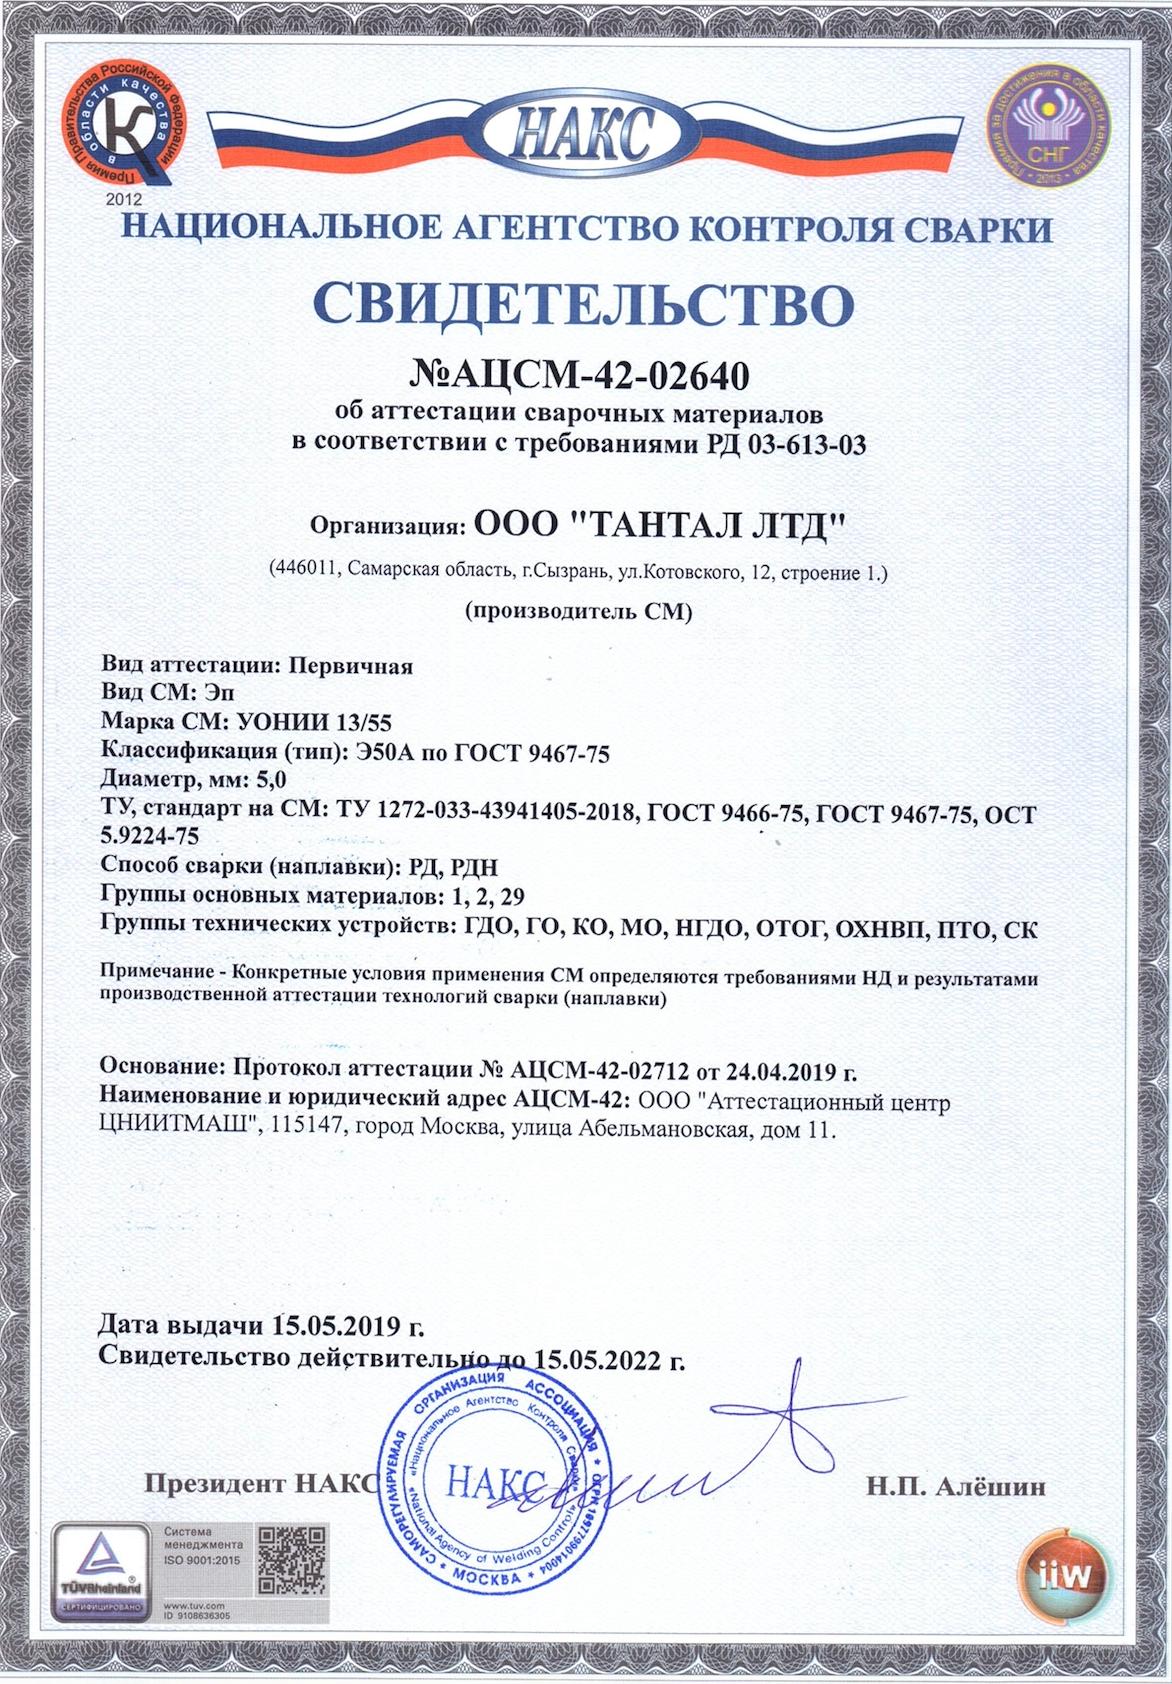 Свидетельство НАКС УОНИИ 13/55 (5мм)